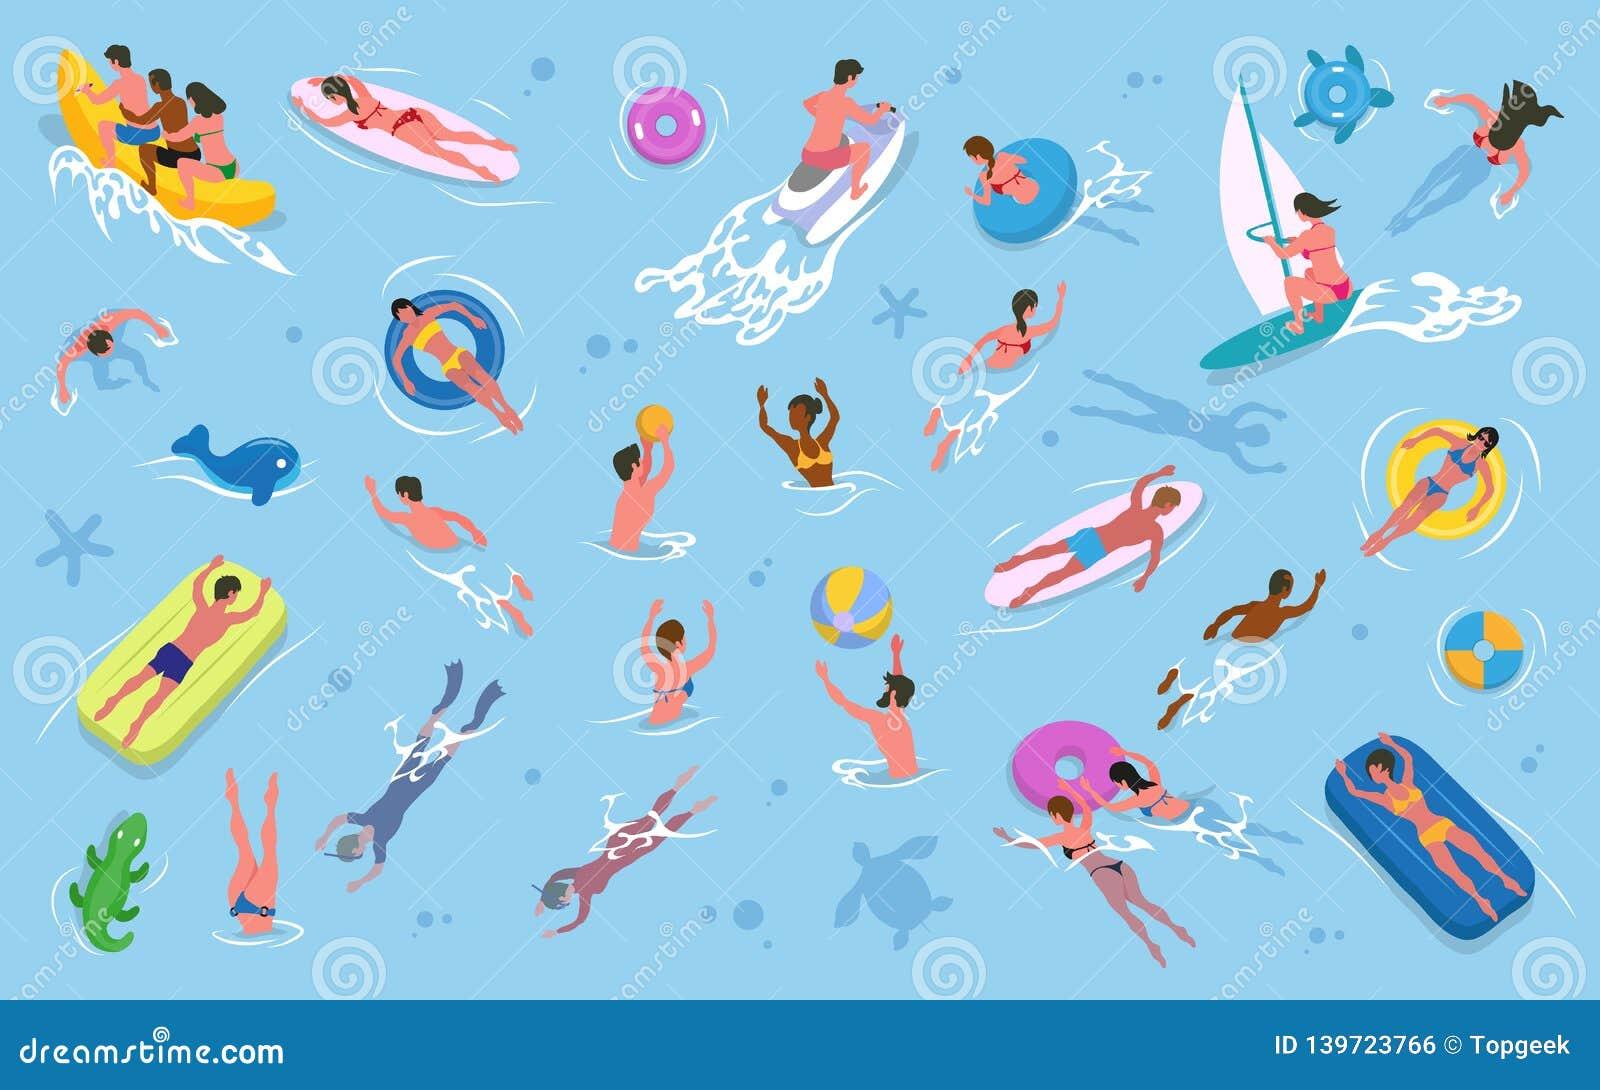 Uomini e donne che nuotano in acqua, ricreazione di estate